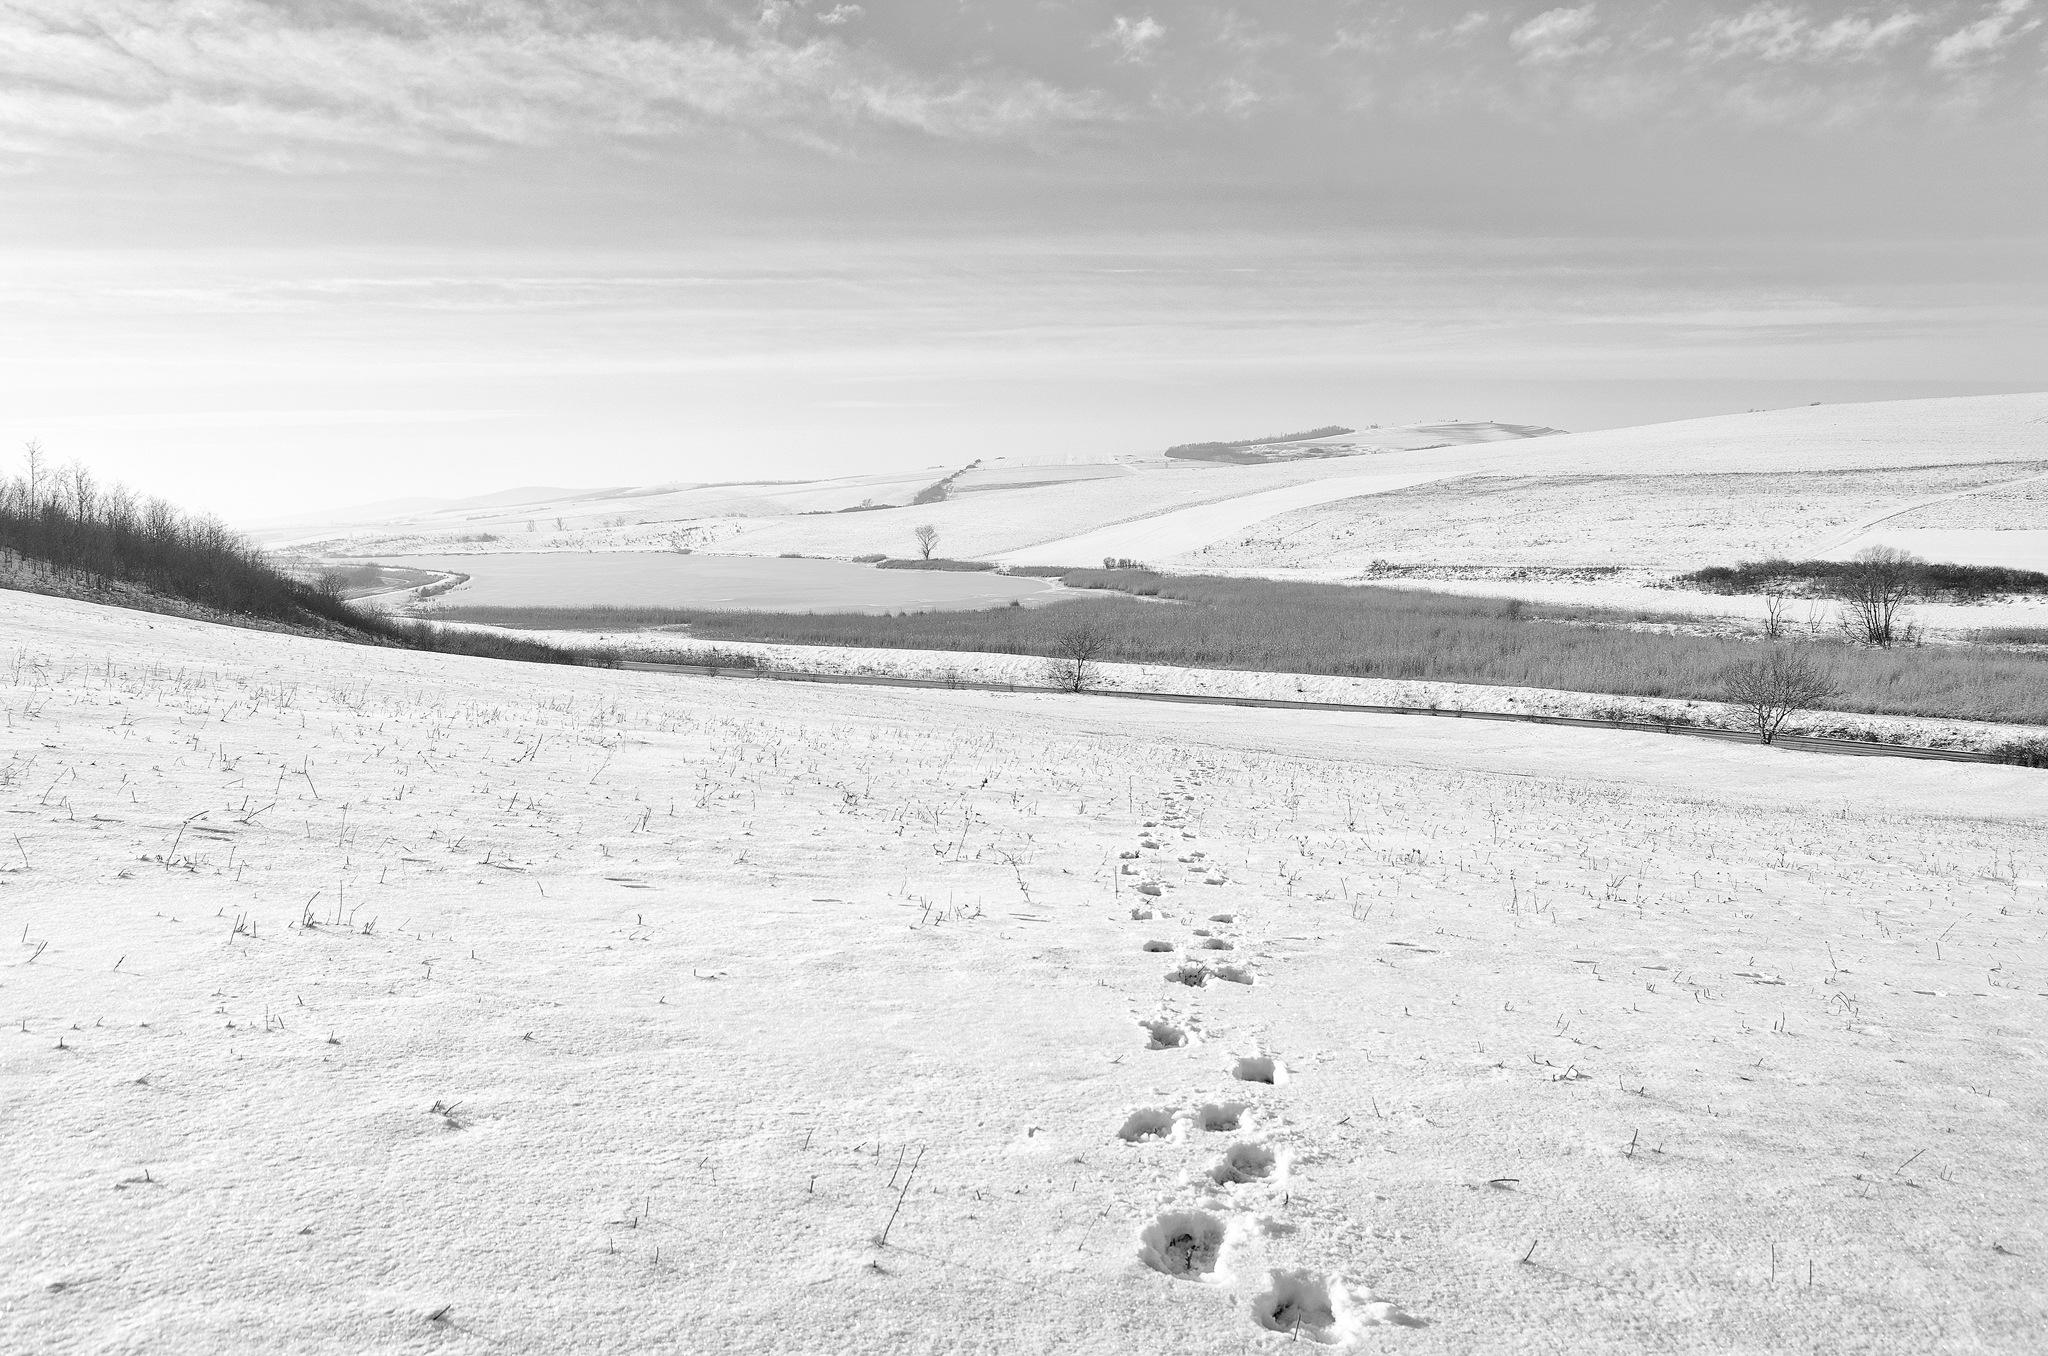 On the trail... by Attila Farkas